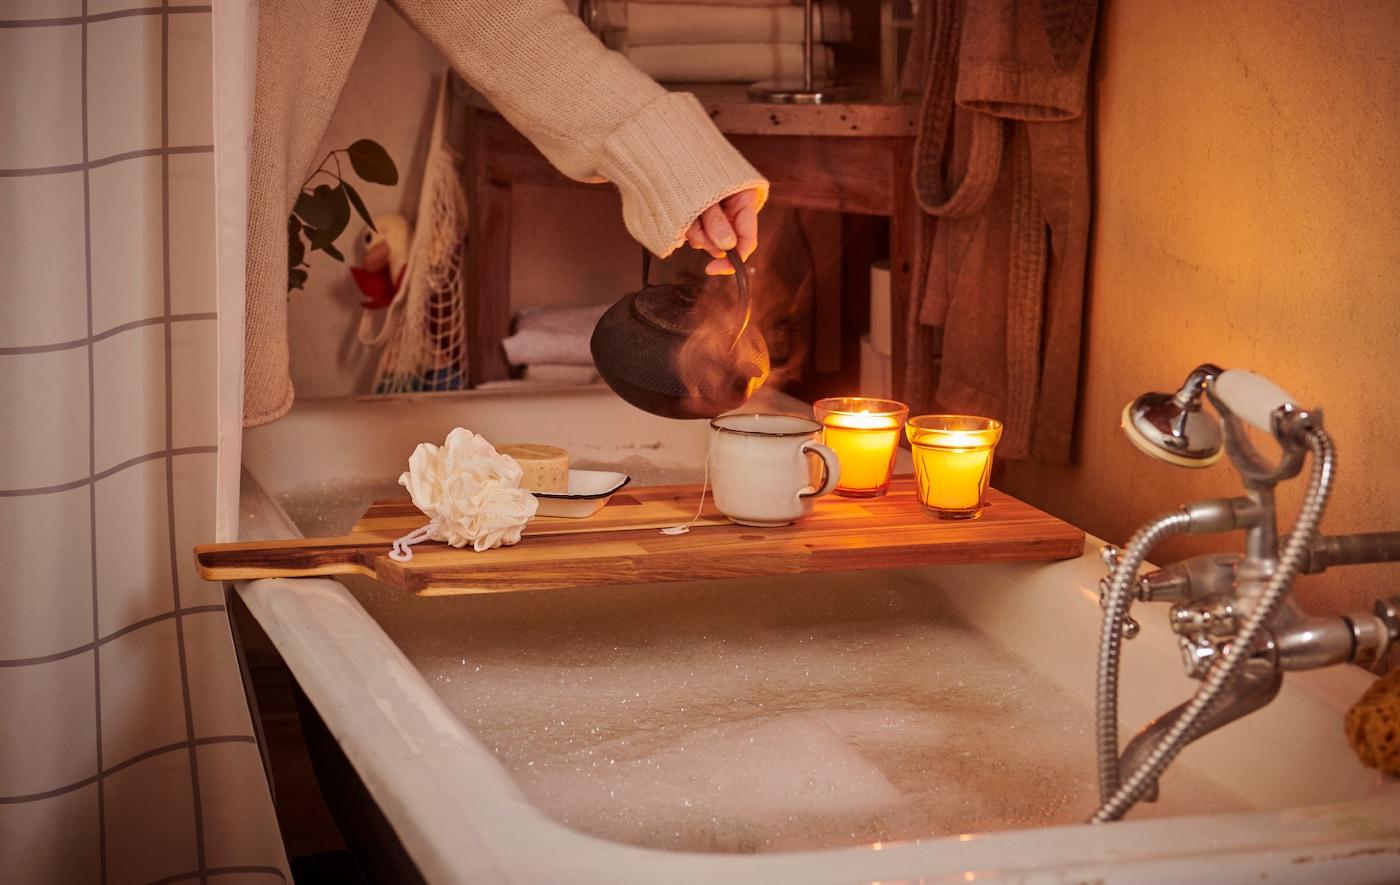 En kvinne i genser gjør klart til spadag. Hun skjenker te i et krus på ei skjærefjøl som er lagt på tvers over et badekar.